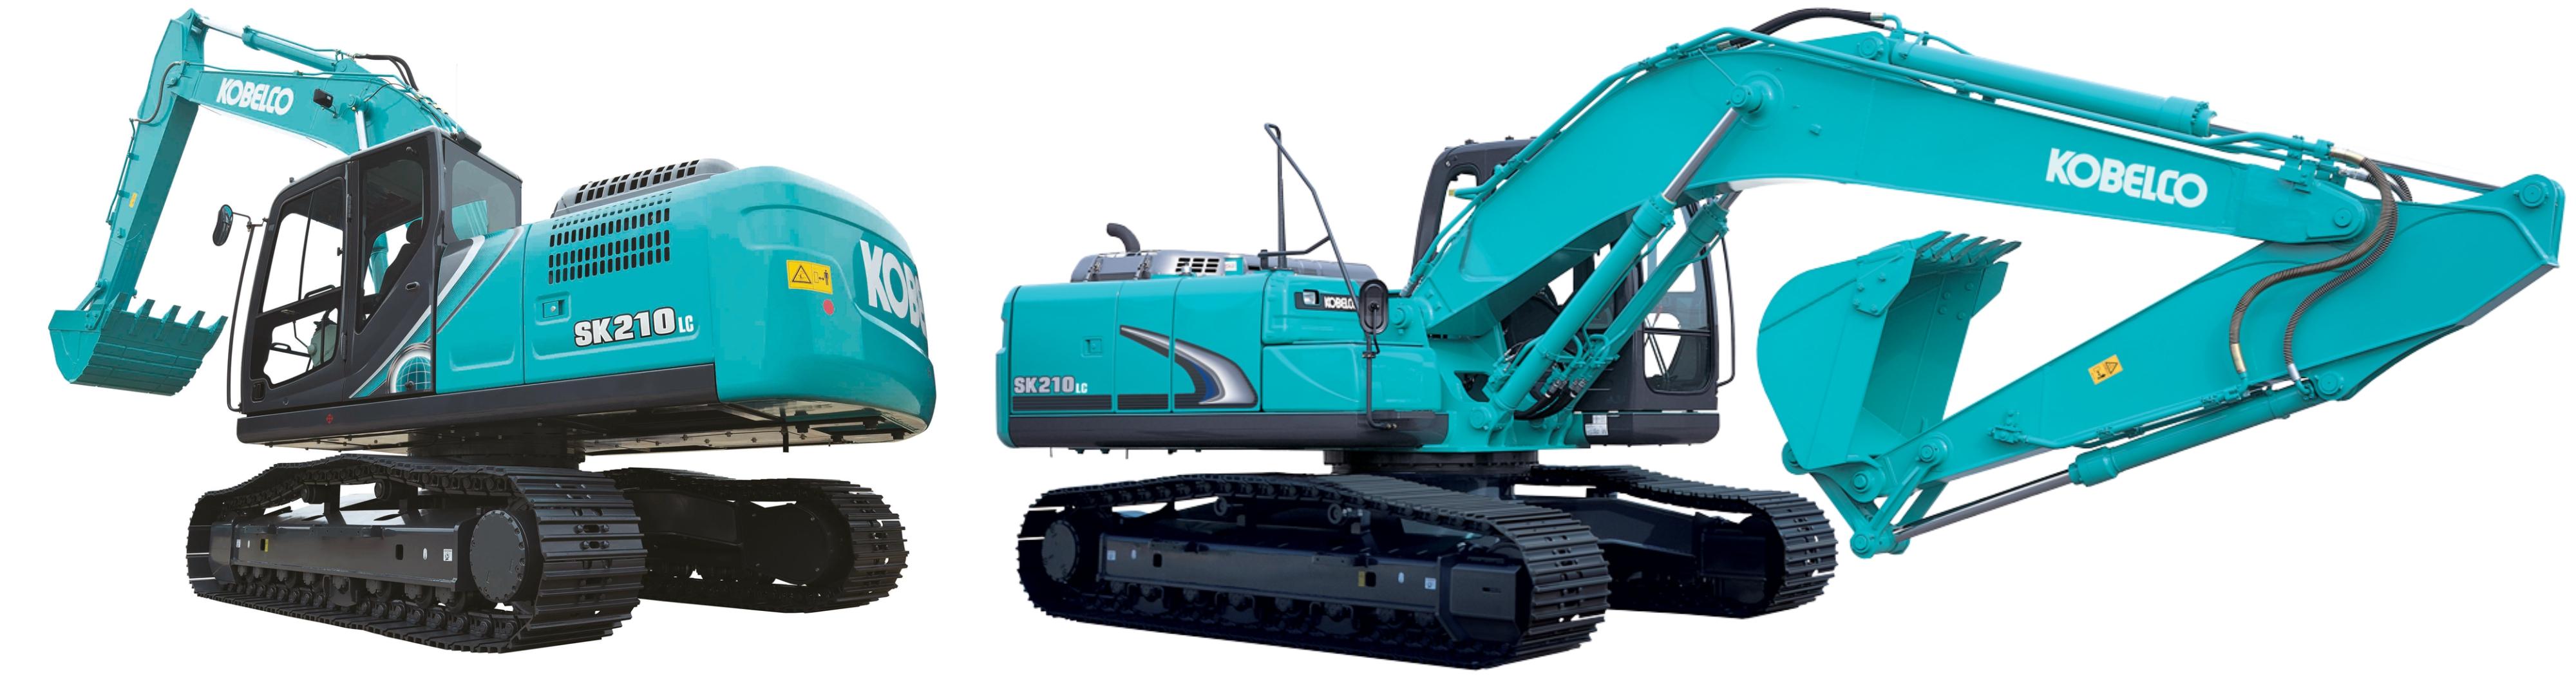 Kobelco: Intermat, nuova generazione di escavatori Klasi%C4%8Dni-modeli